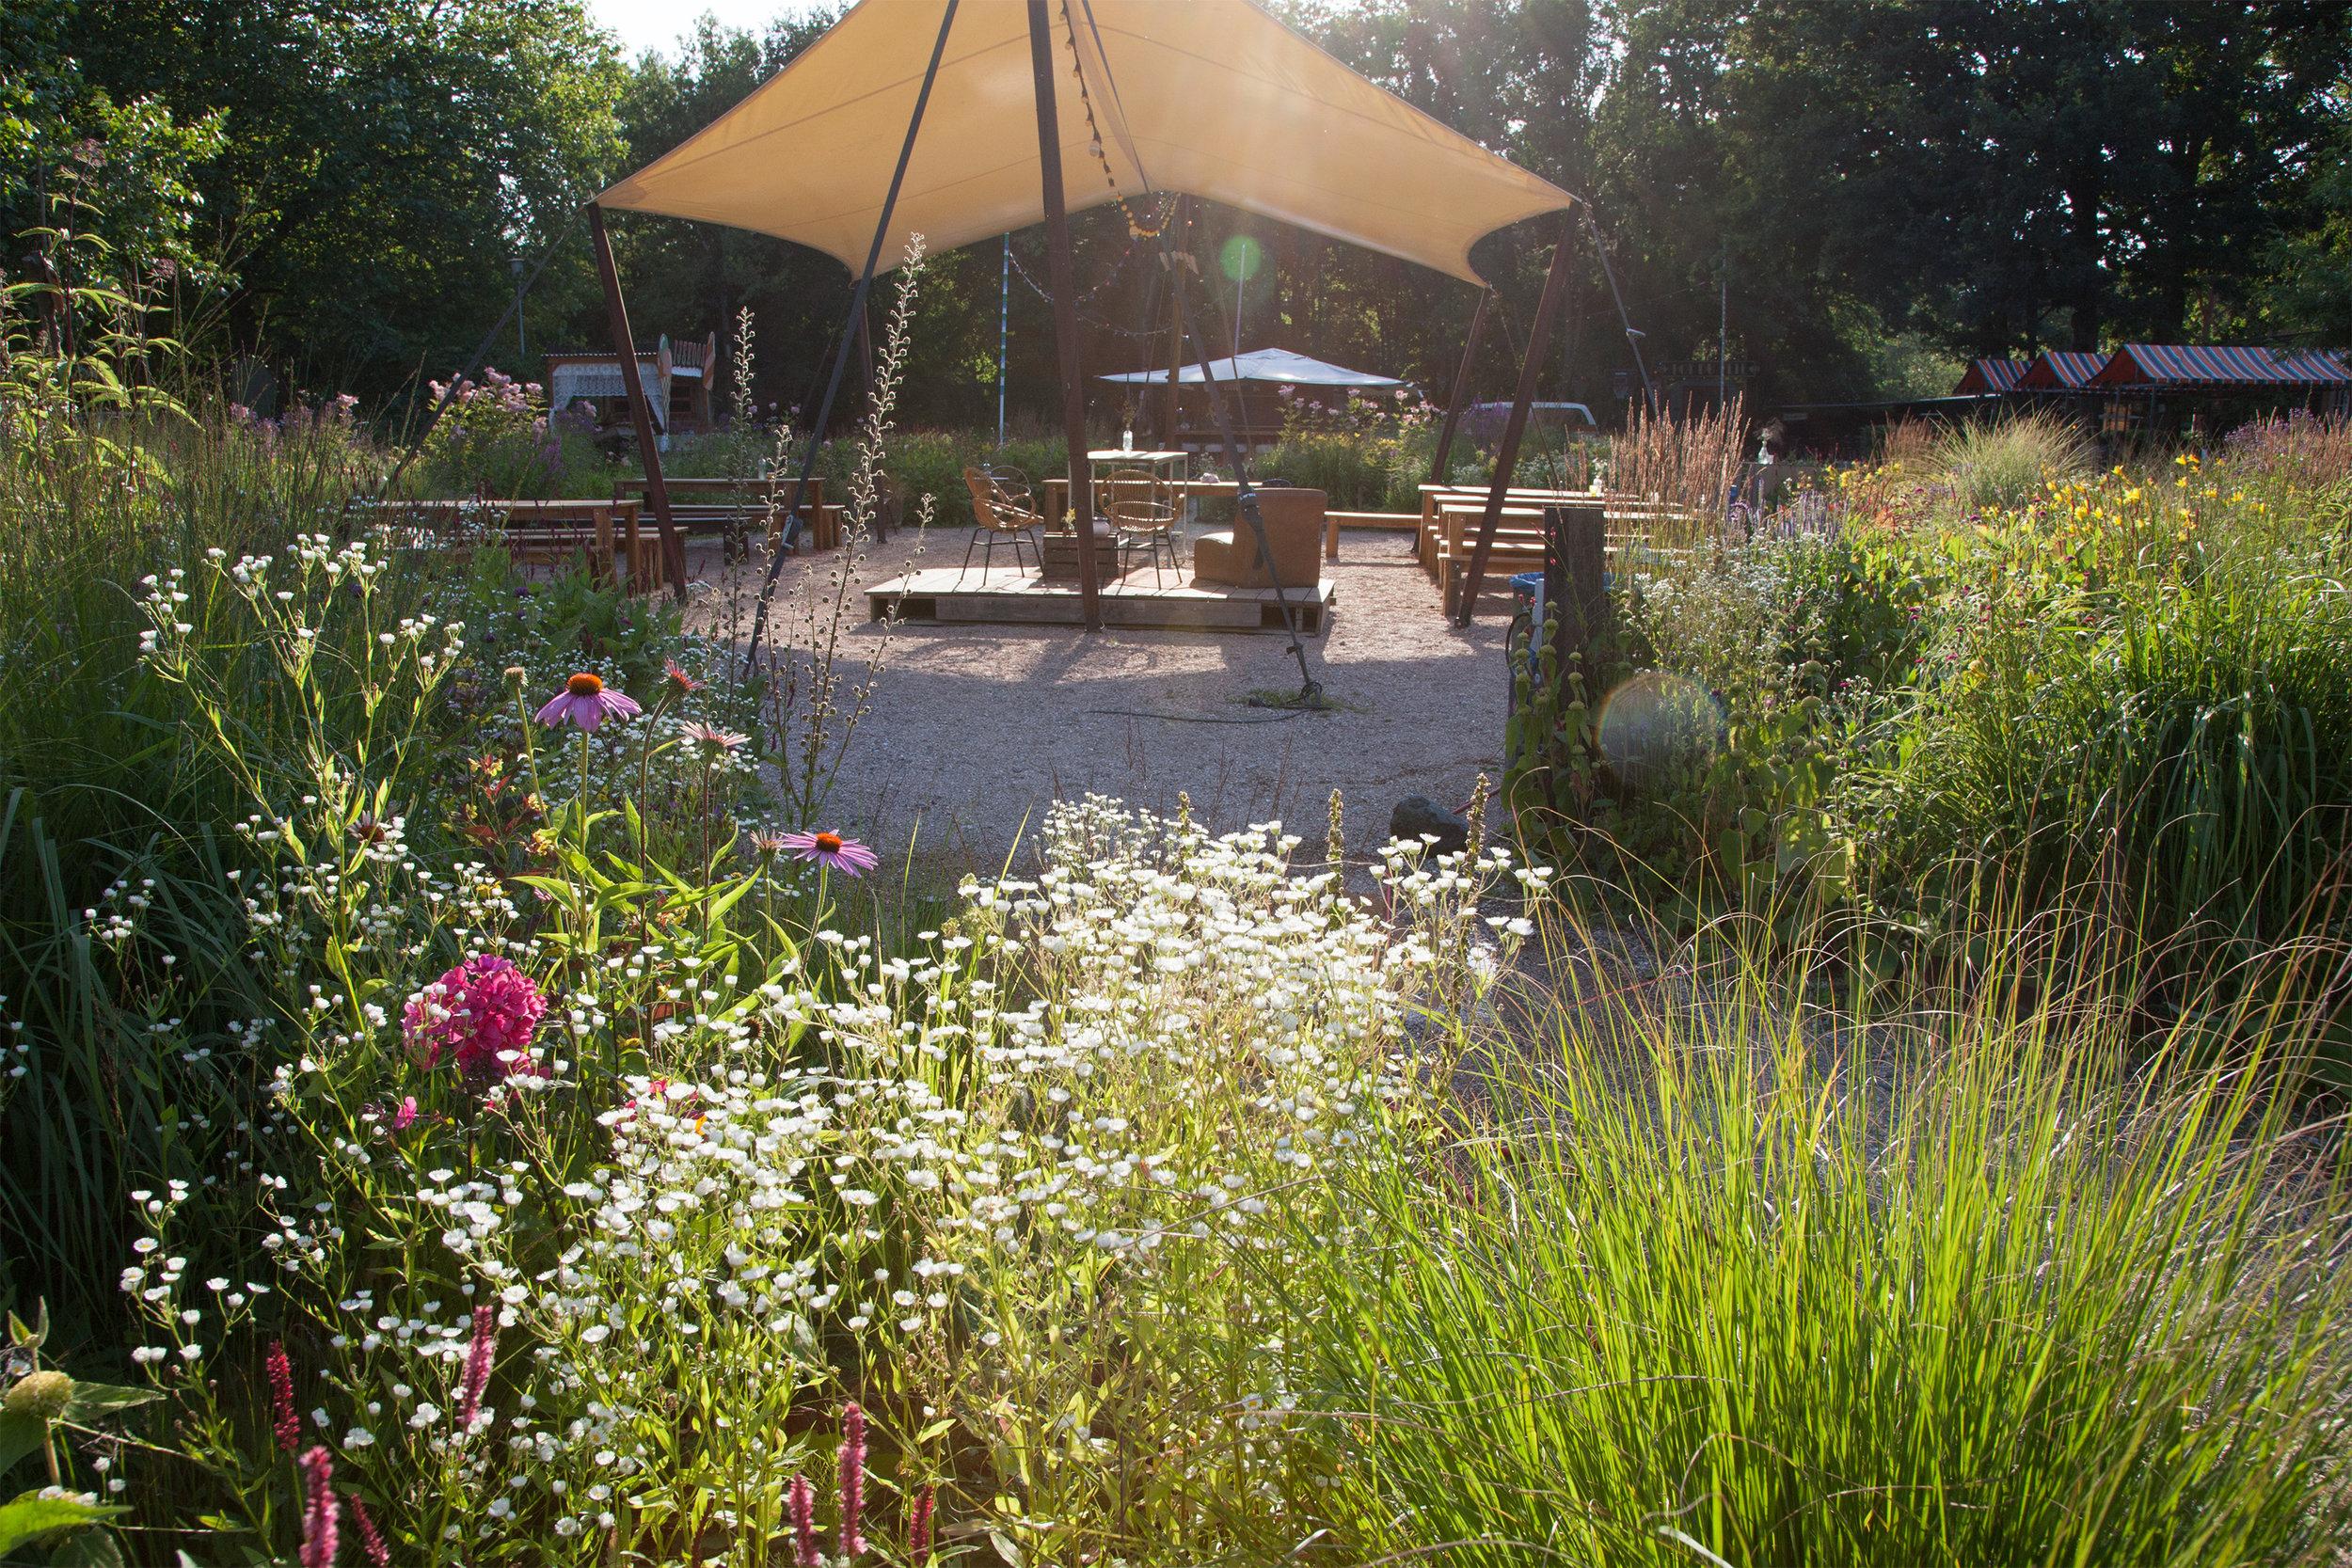 In opdracht van Karin Blom van Assendelft  Beplantingsplannen voor de openbare & semi-openbare ruimte Camping De Lievelinge in Vuren, 2018